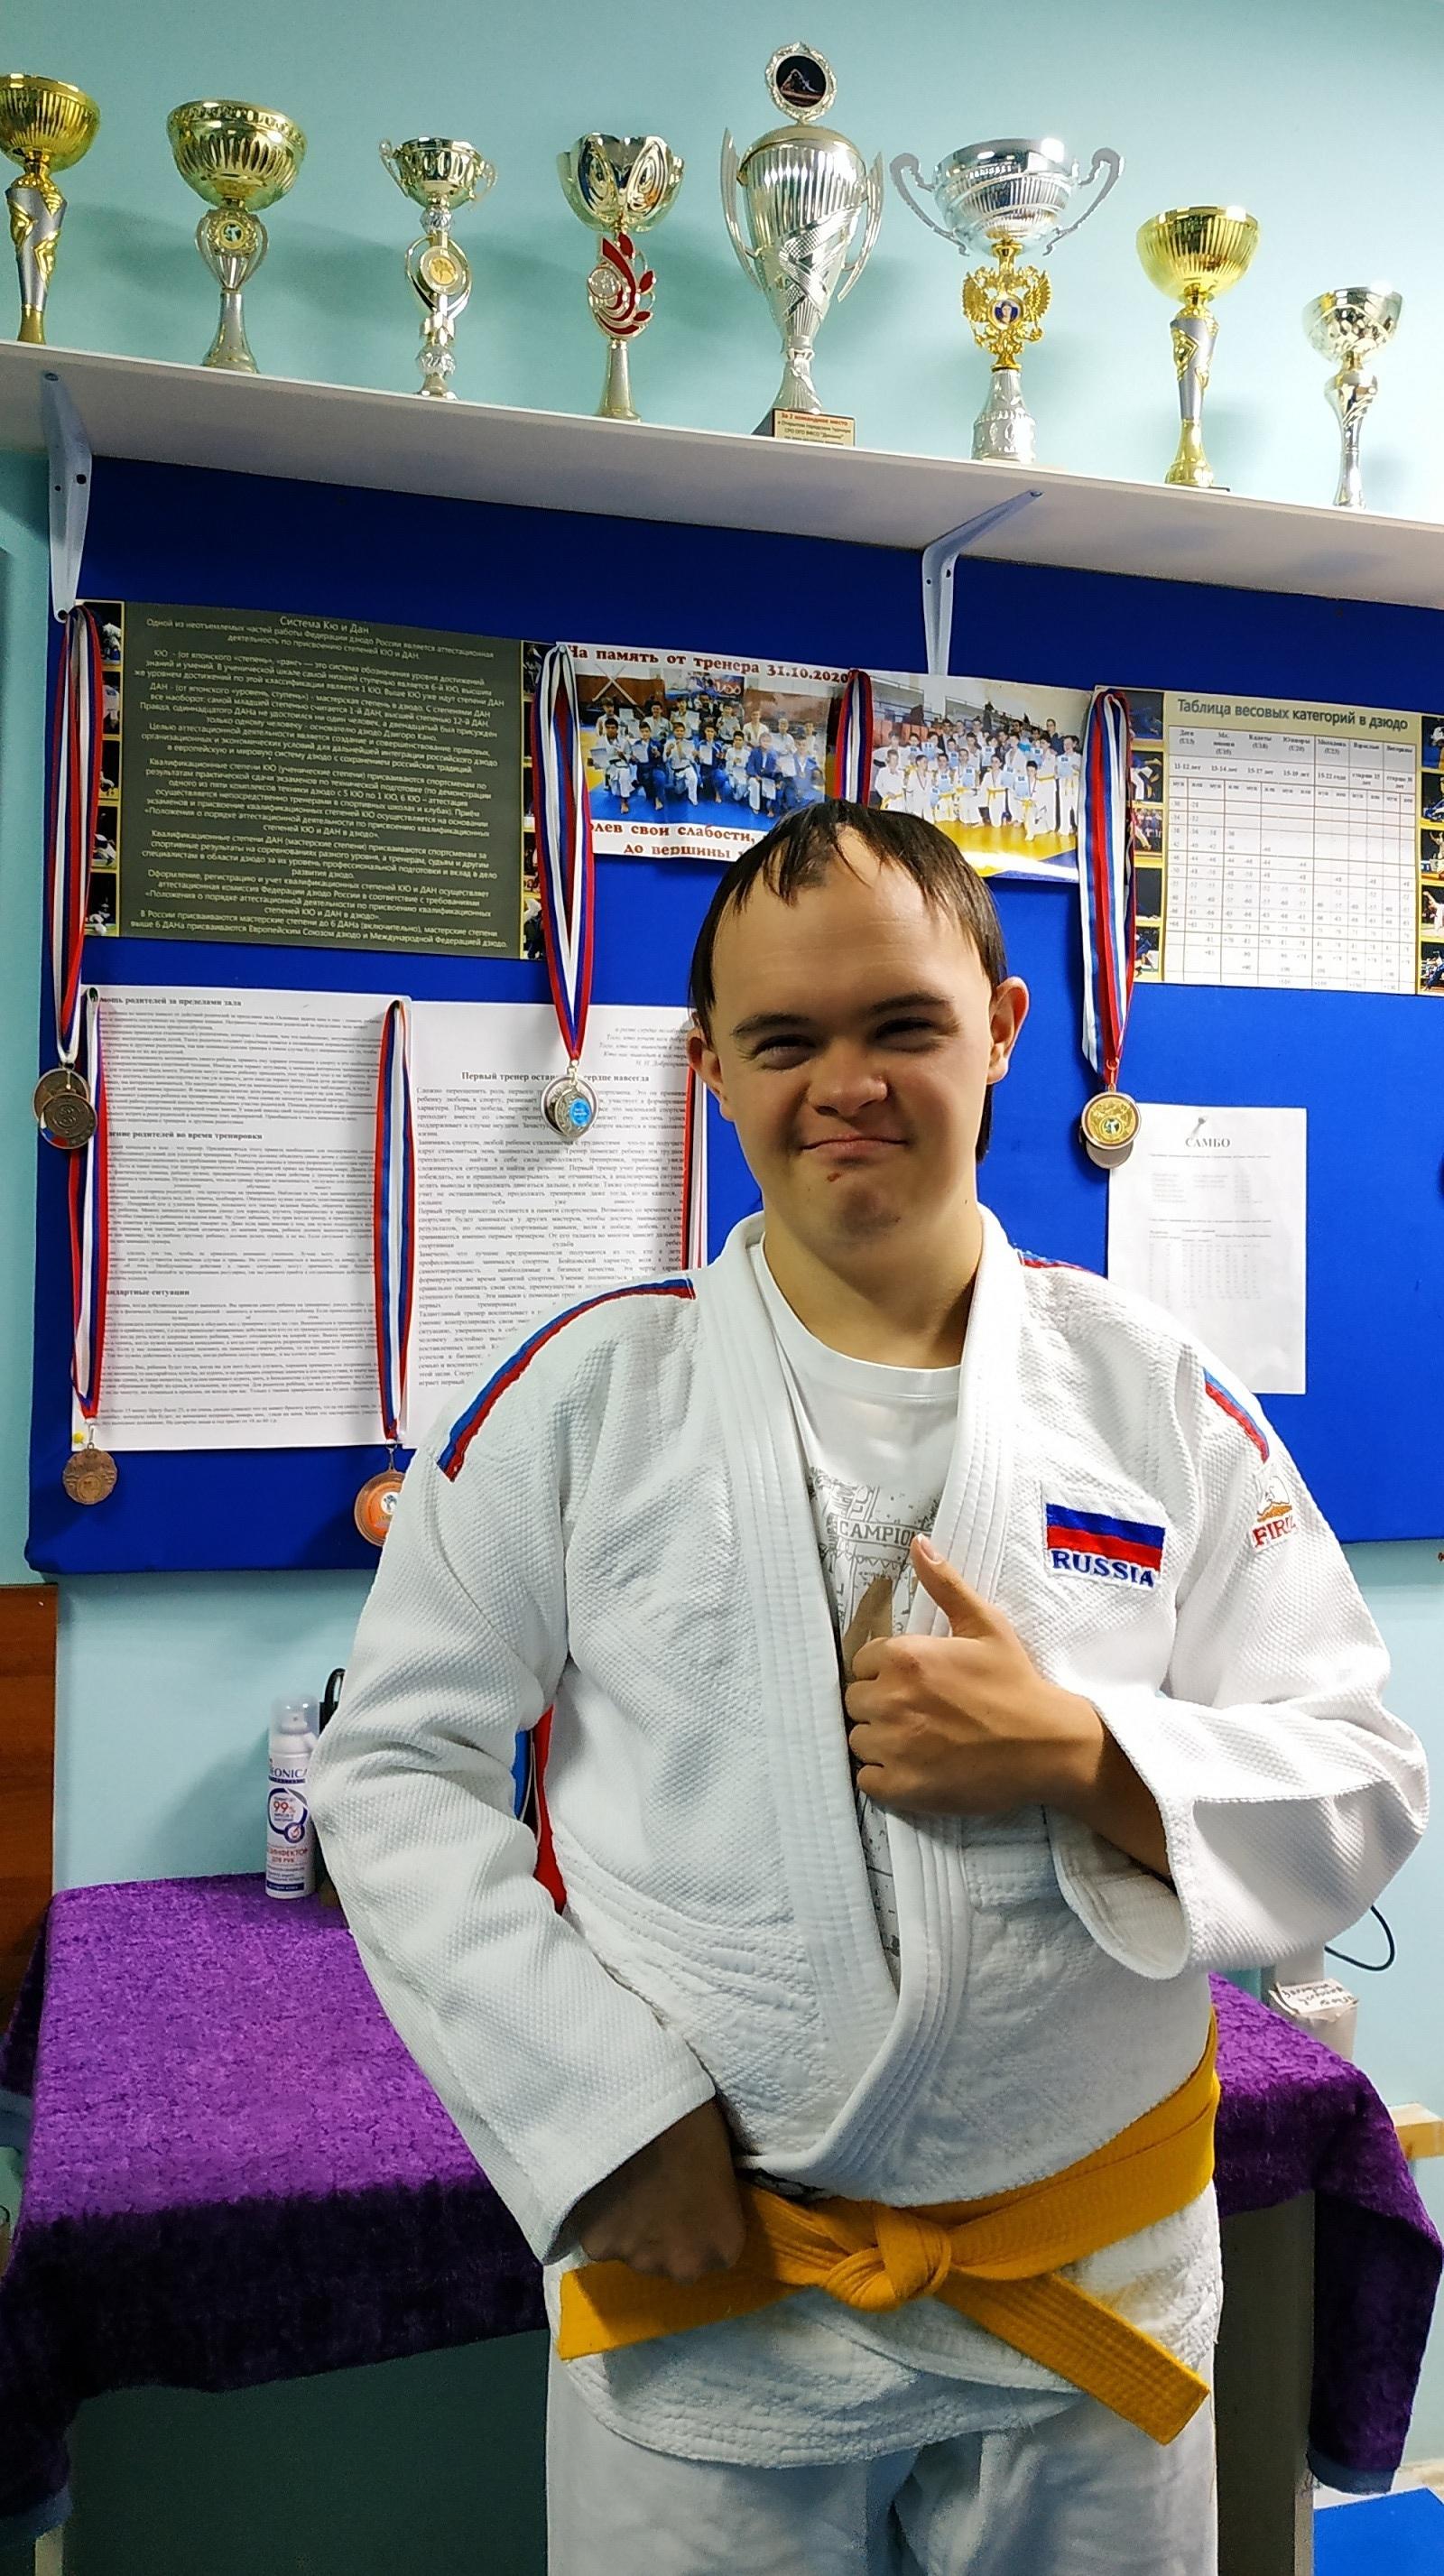 Сергей готовится к аттестации